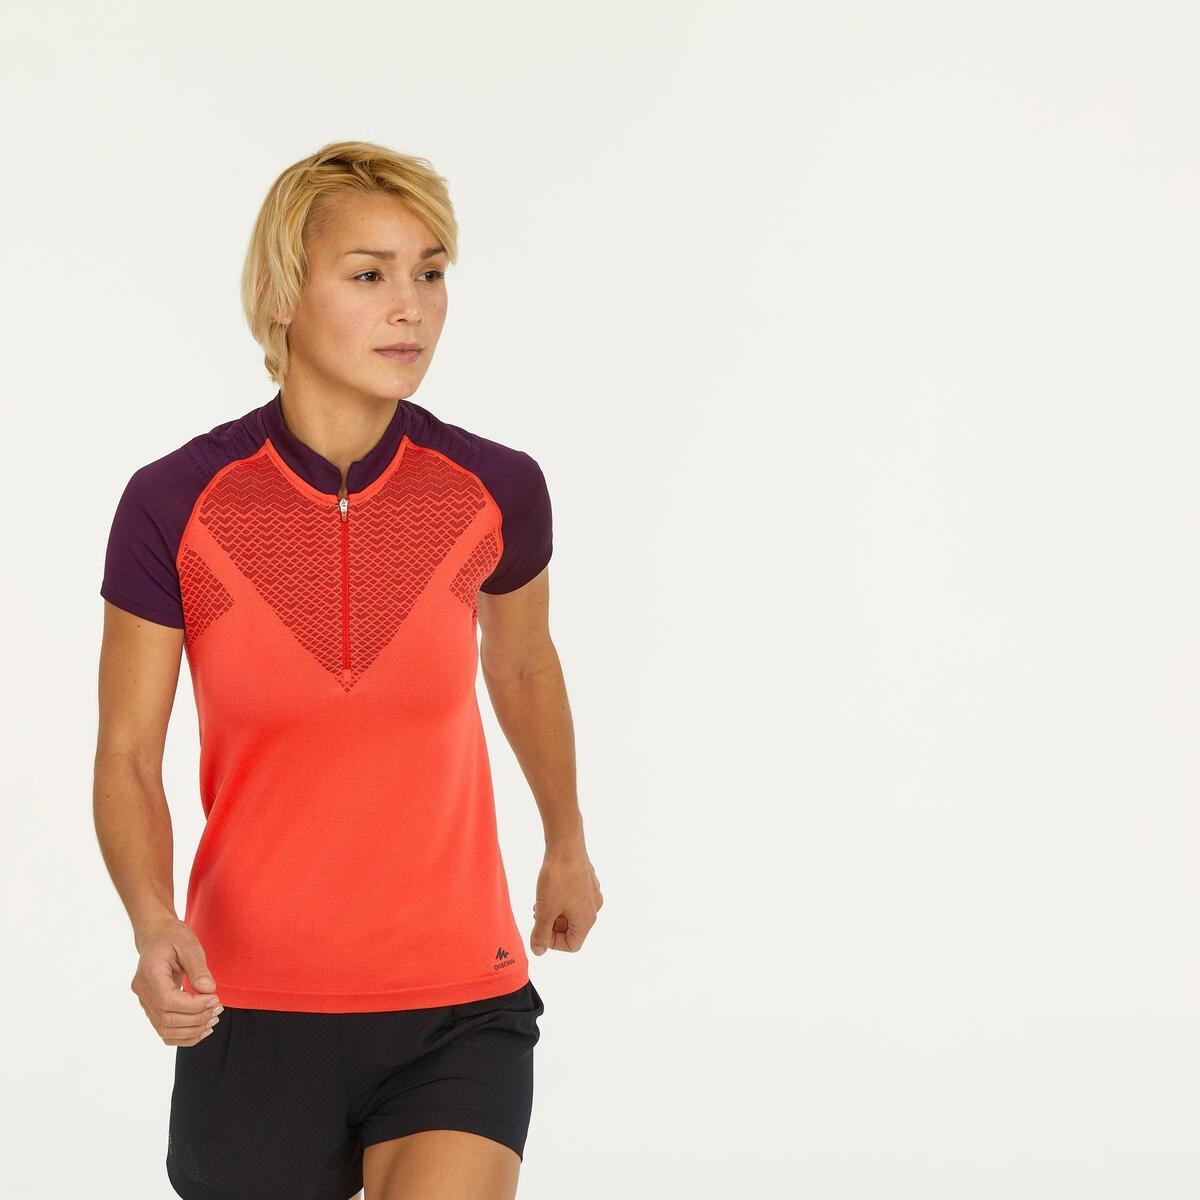 Bild 2 von Funktionsshirt Speed Hiking FH900 Damen rot/violett